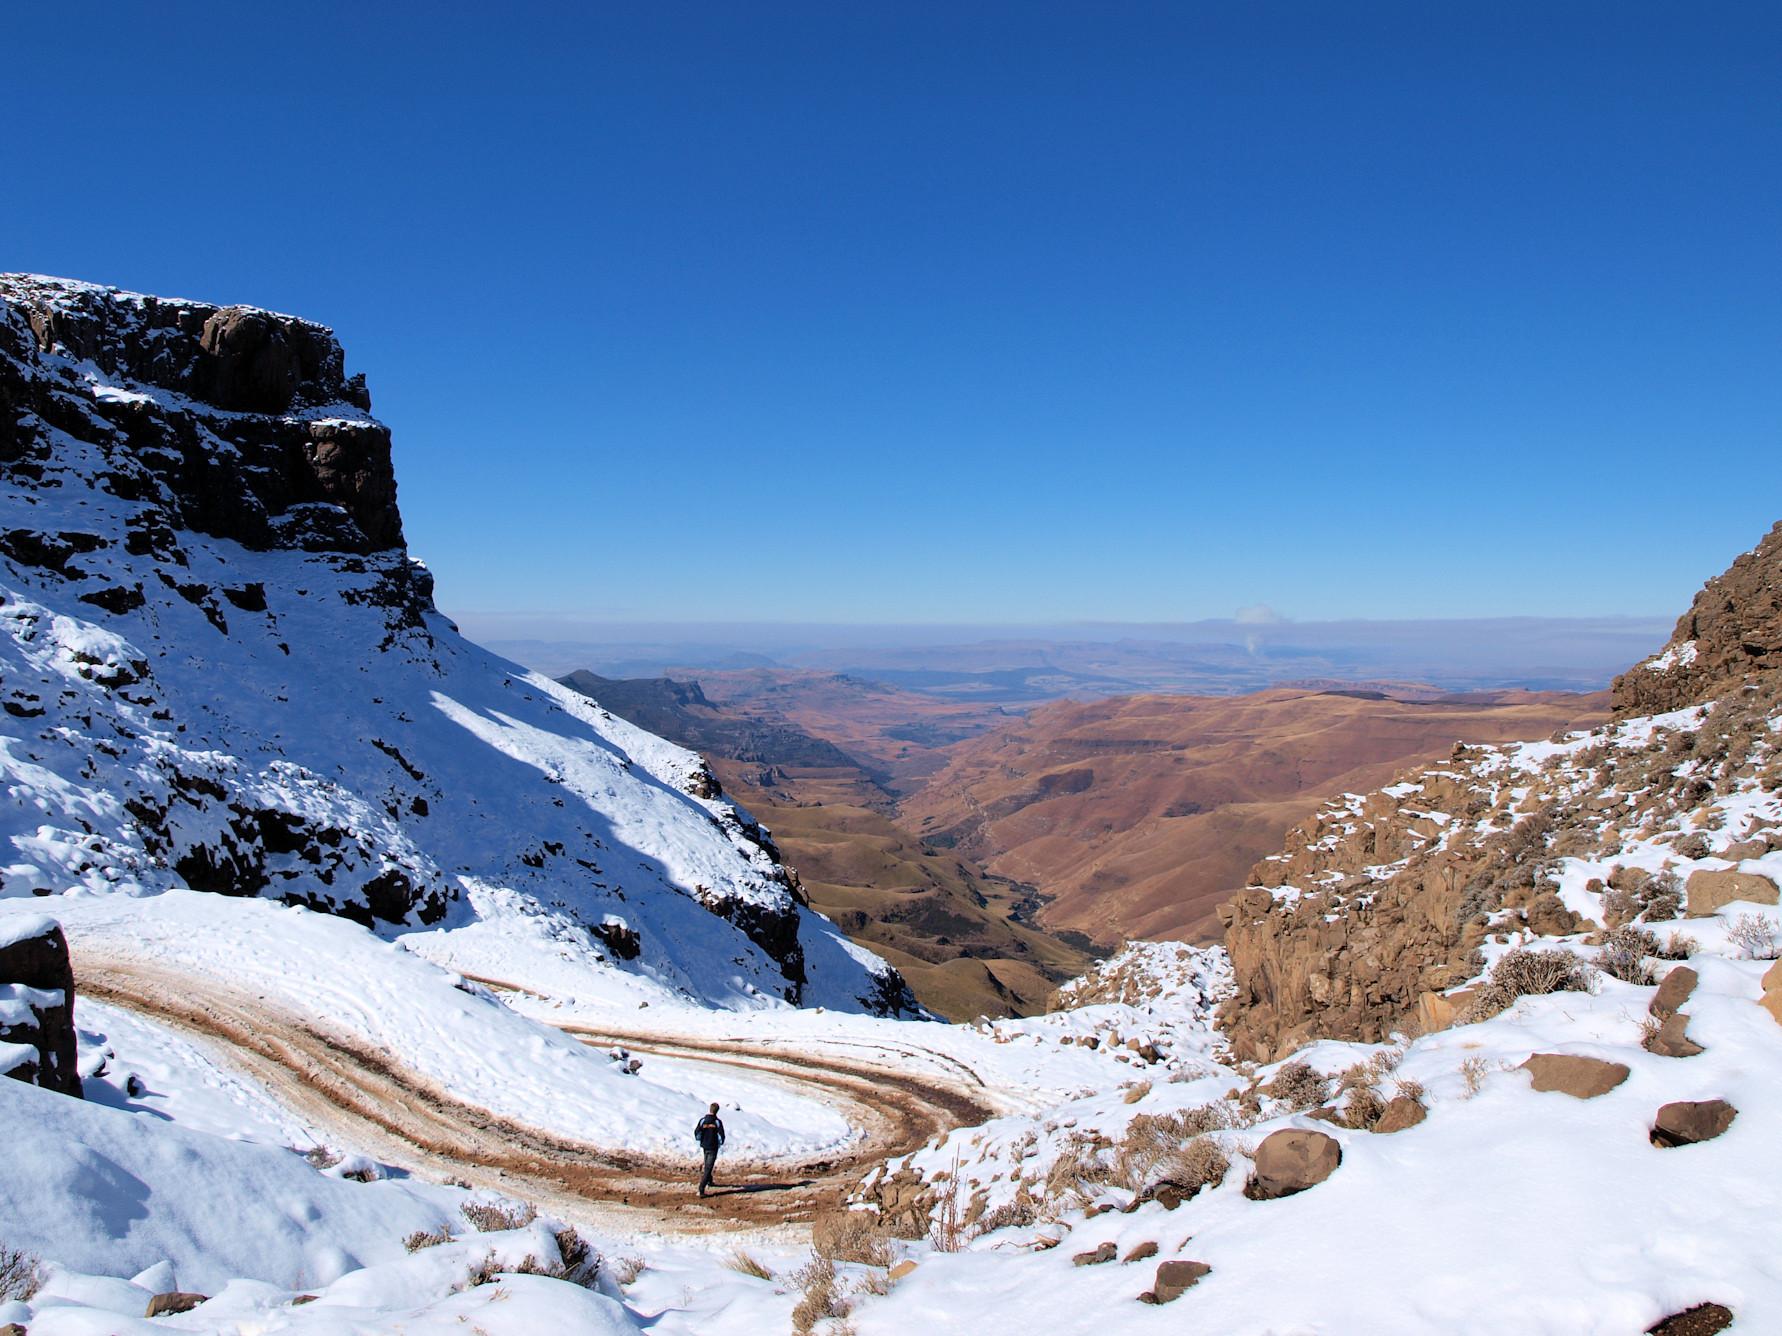 Uitzicht vanaf de top van de sani pass op Zuid-Afrika.